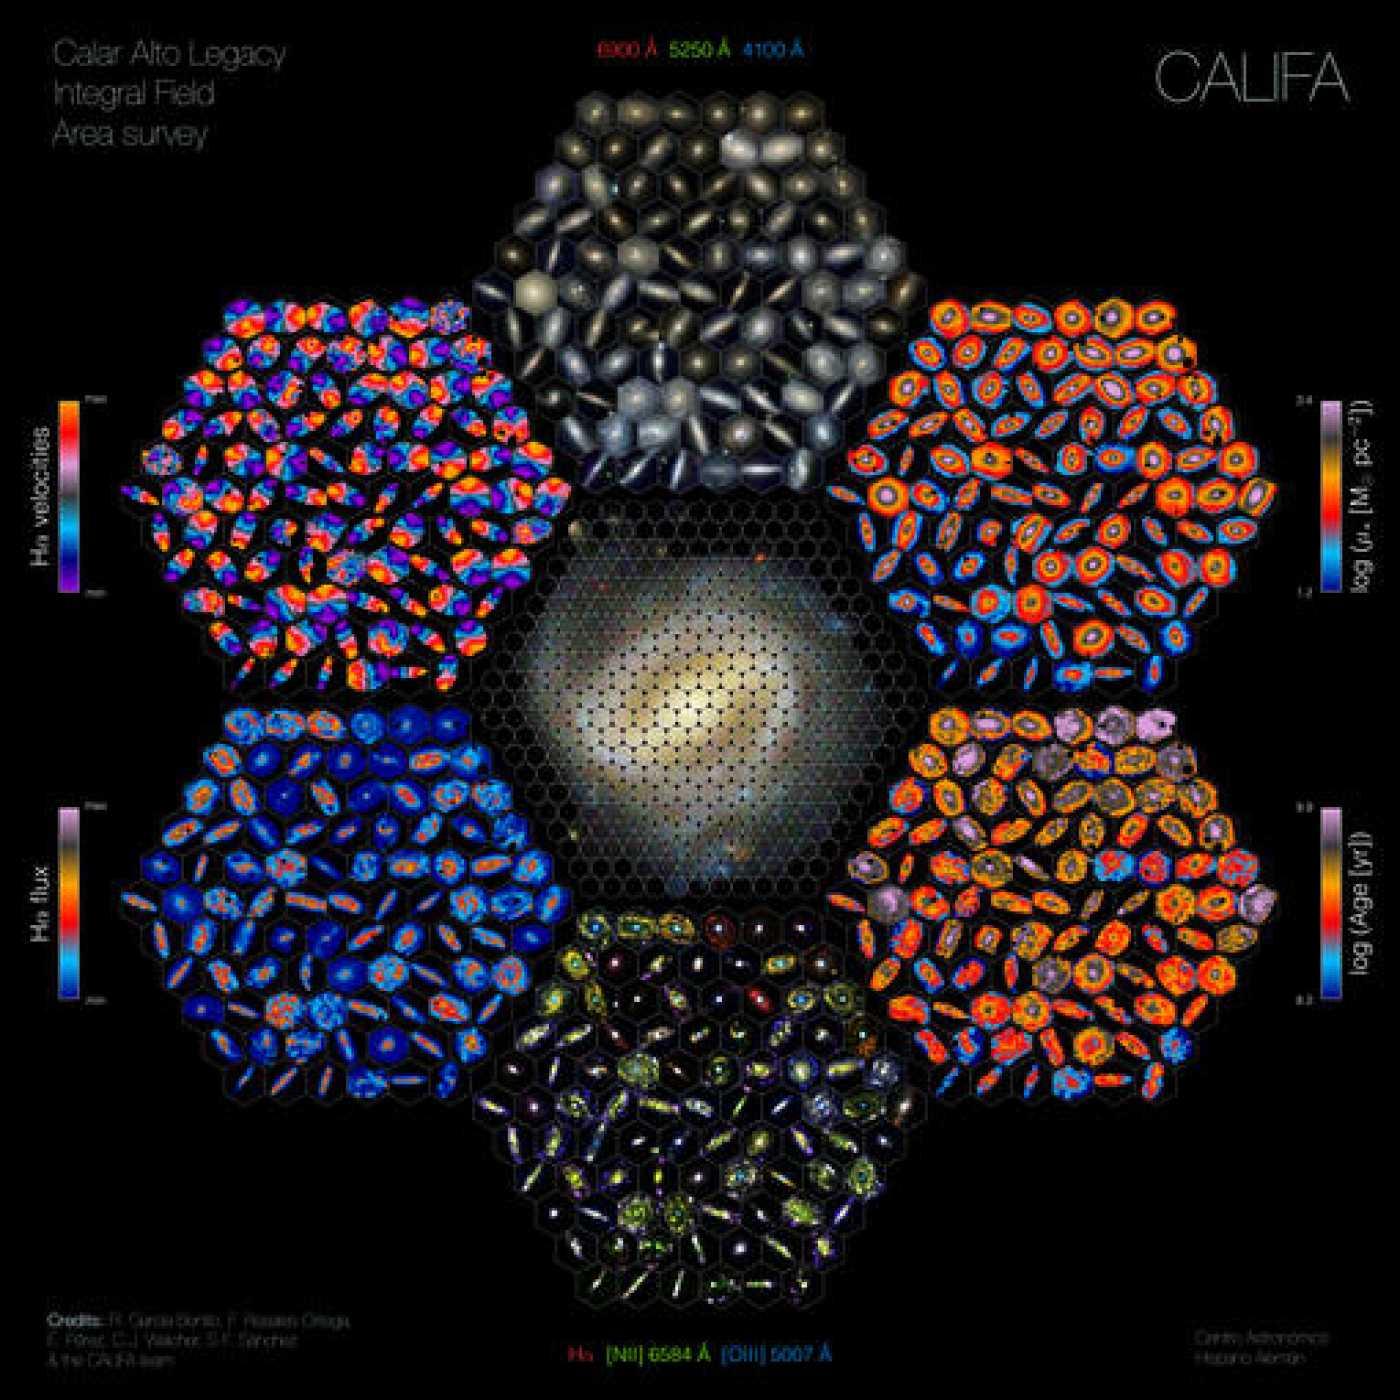 Vista panorámica de las propiedades de las galaxias.